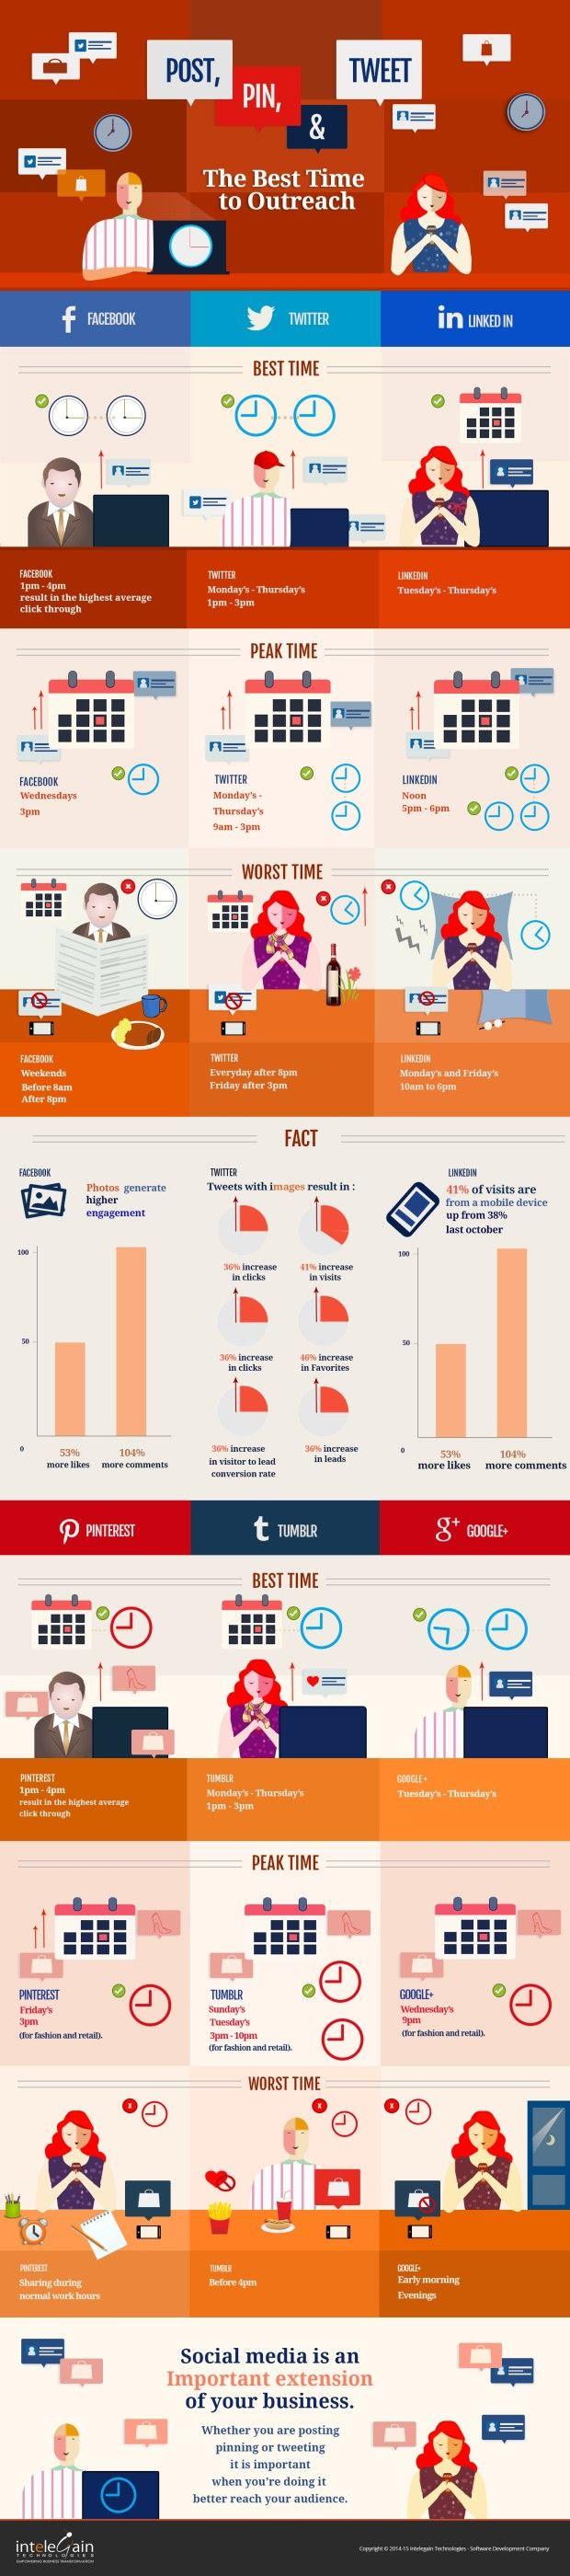 Successo sui social? i momenti migliori per condividere contenuti - Engage | News and views sul marketing pubblicitario